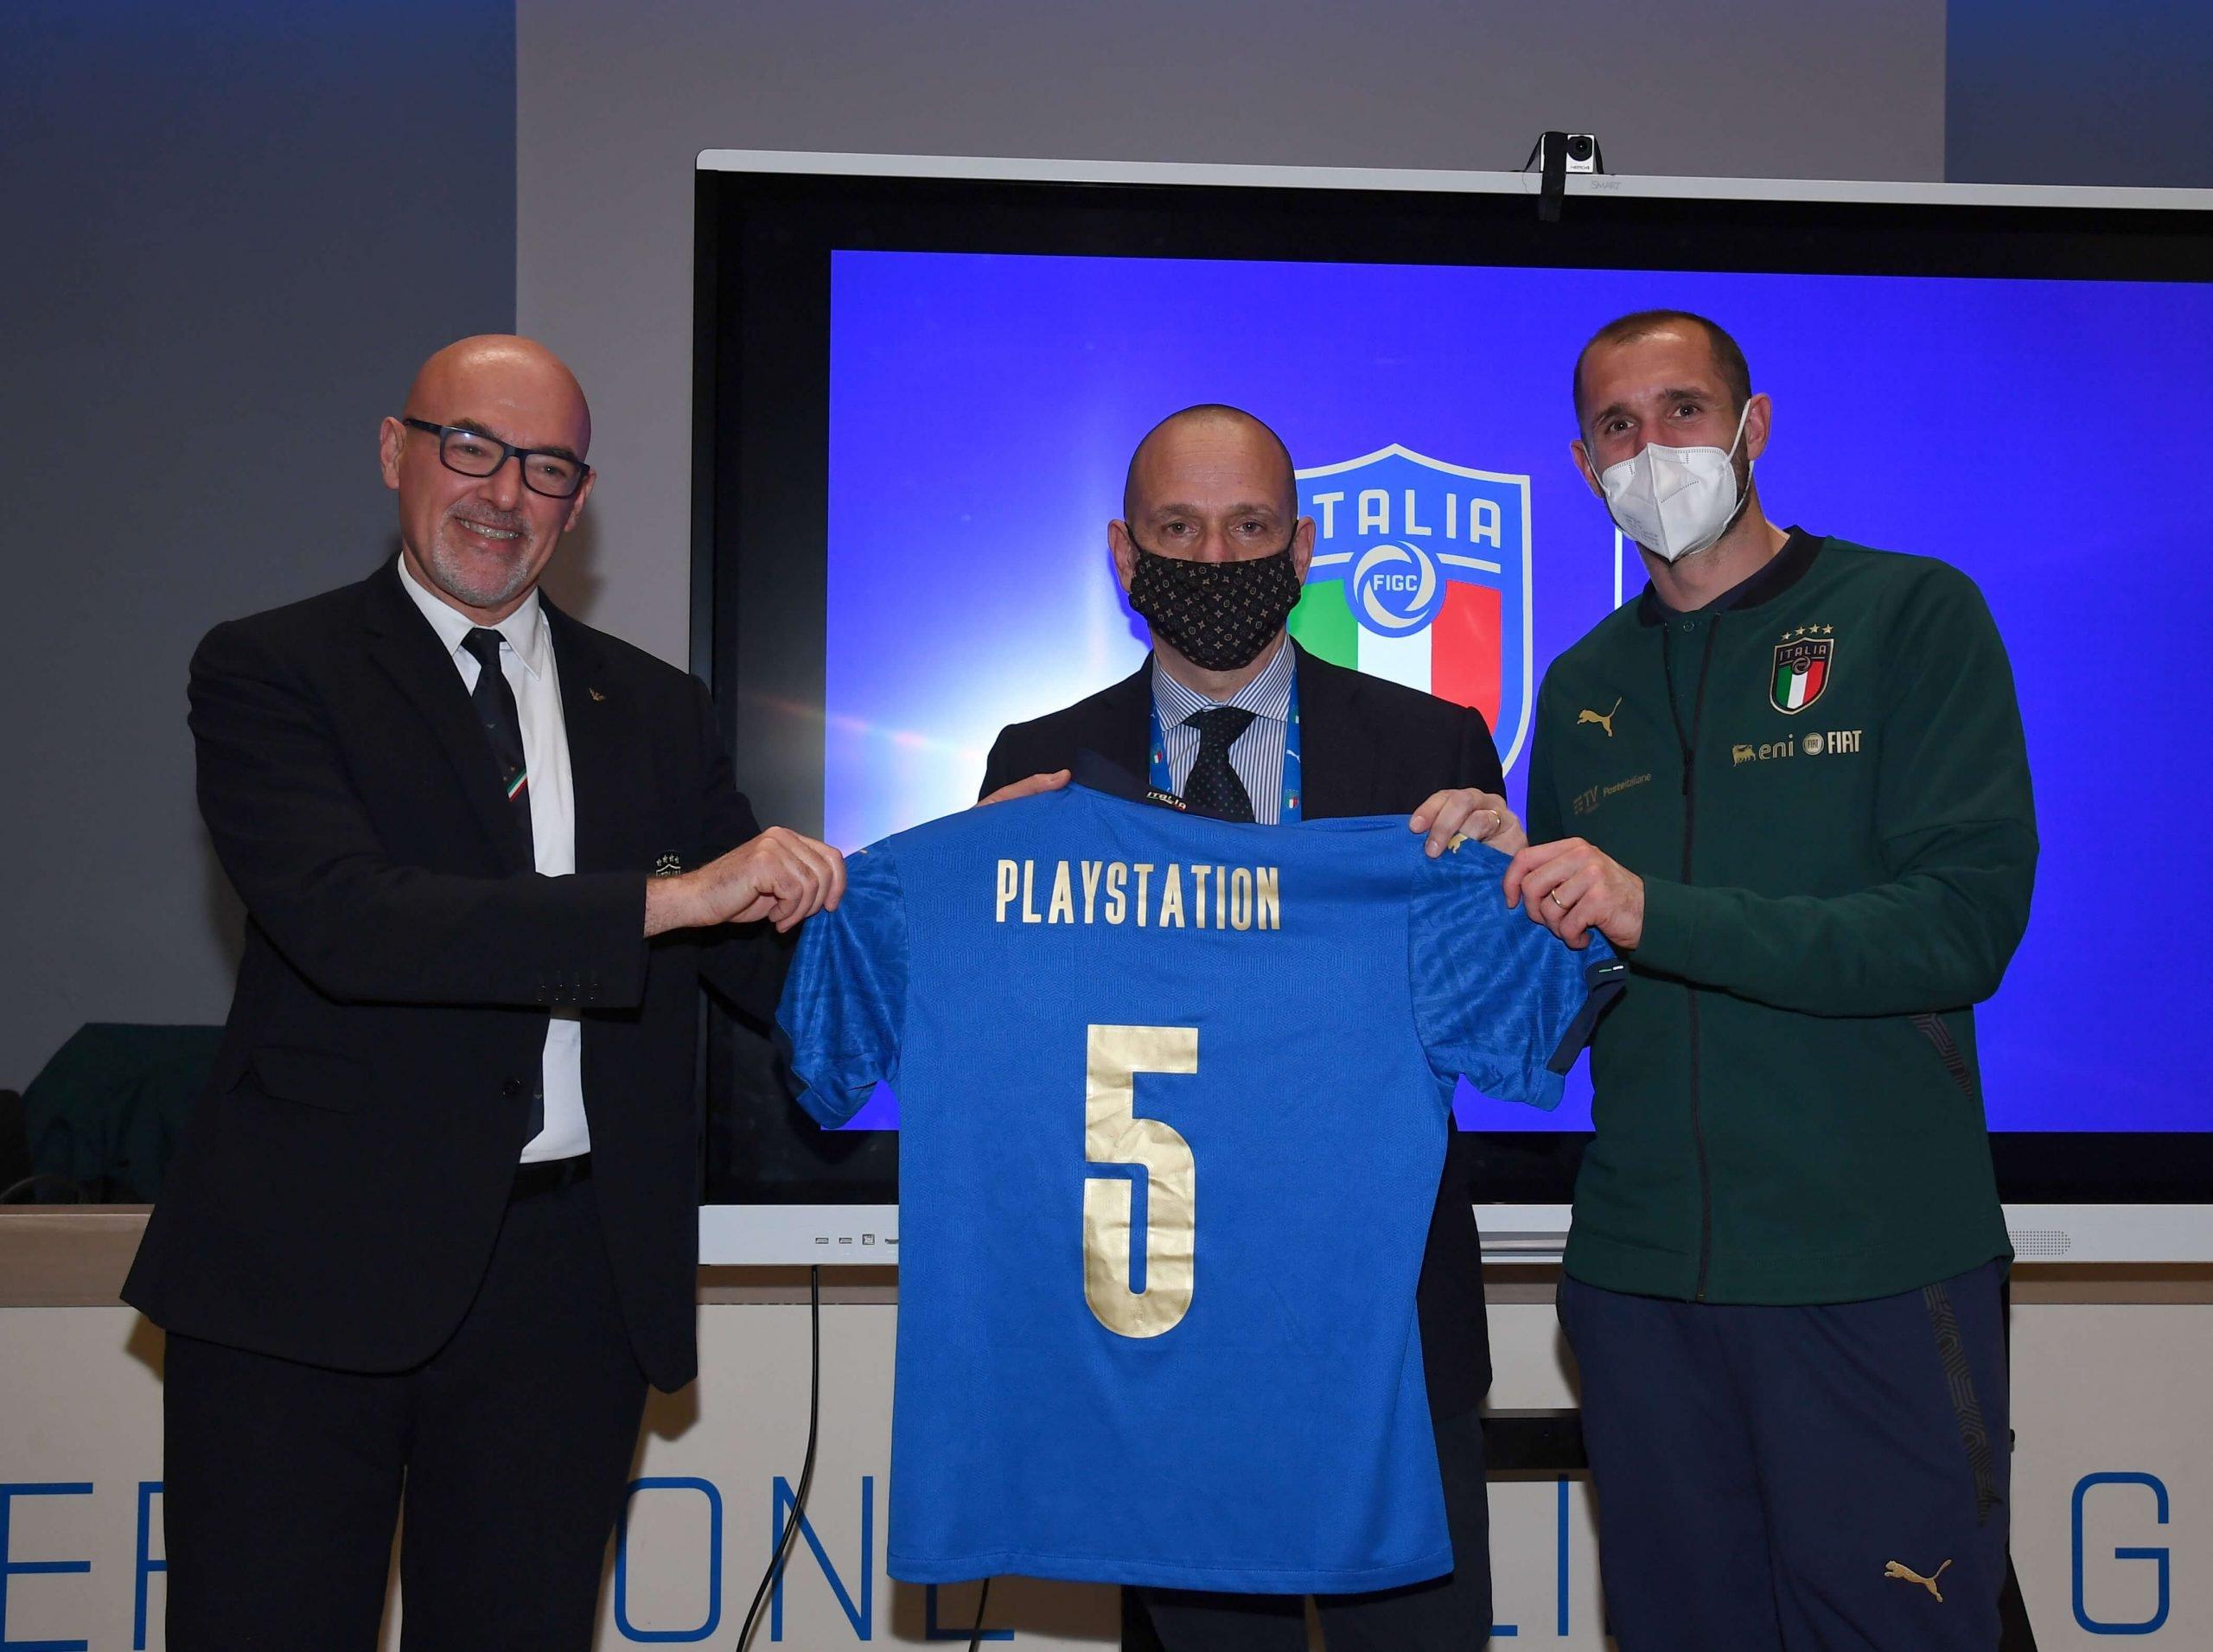 PlayStation official console partner della Nazionale Italiana di calcio